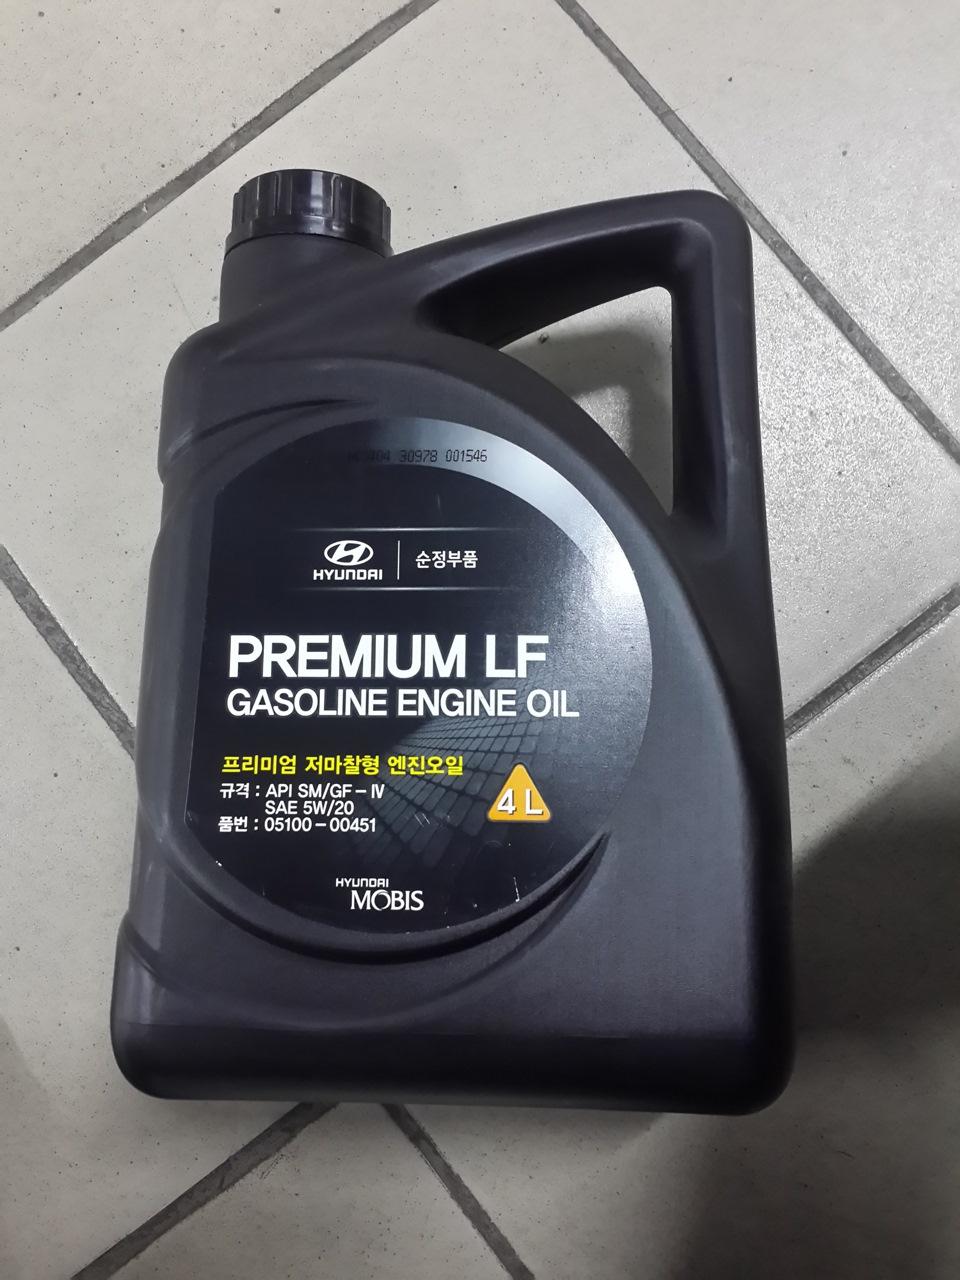 рекомендованное масло для hyundai avante